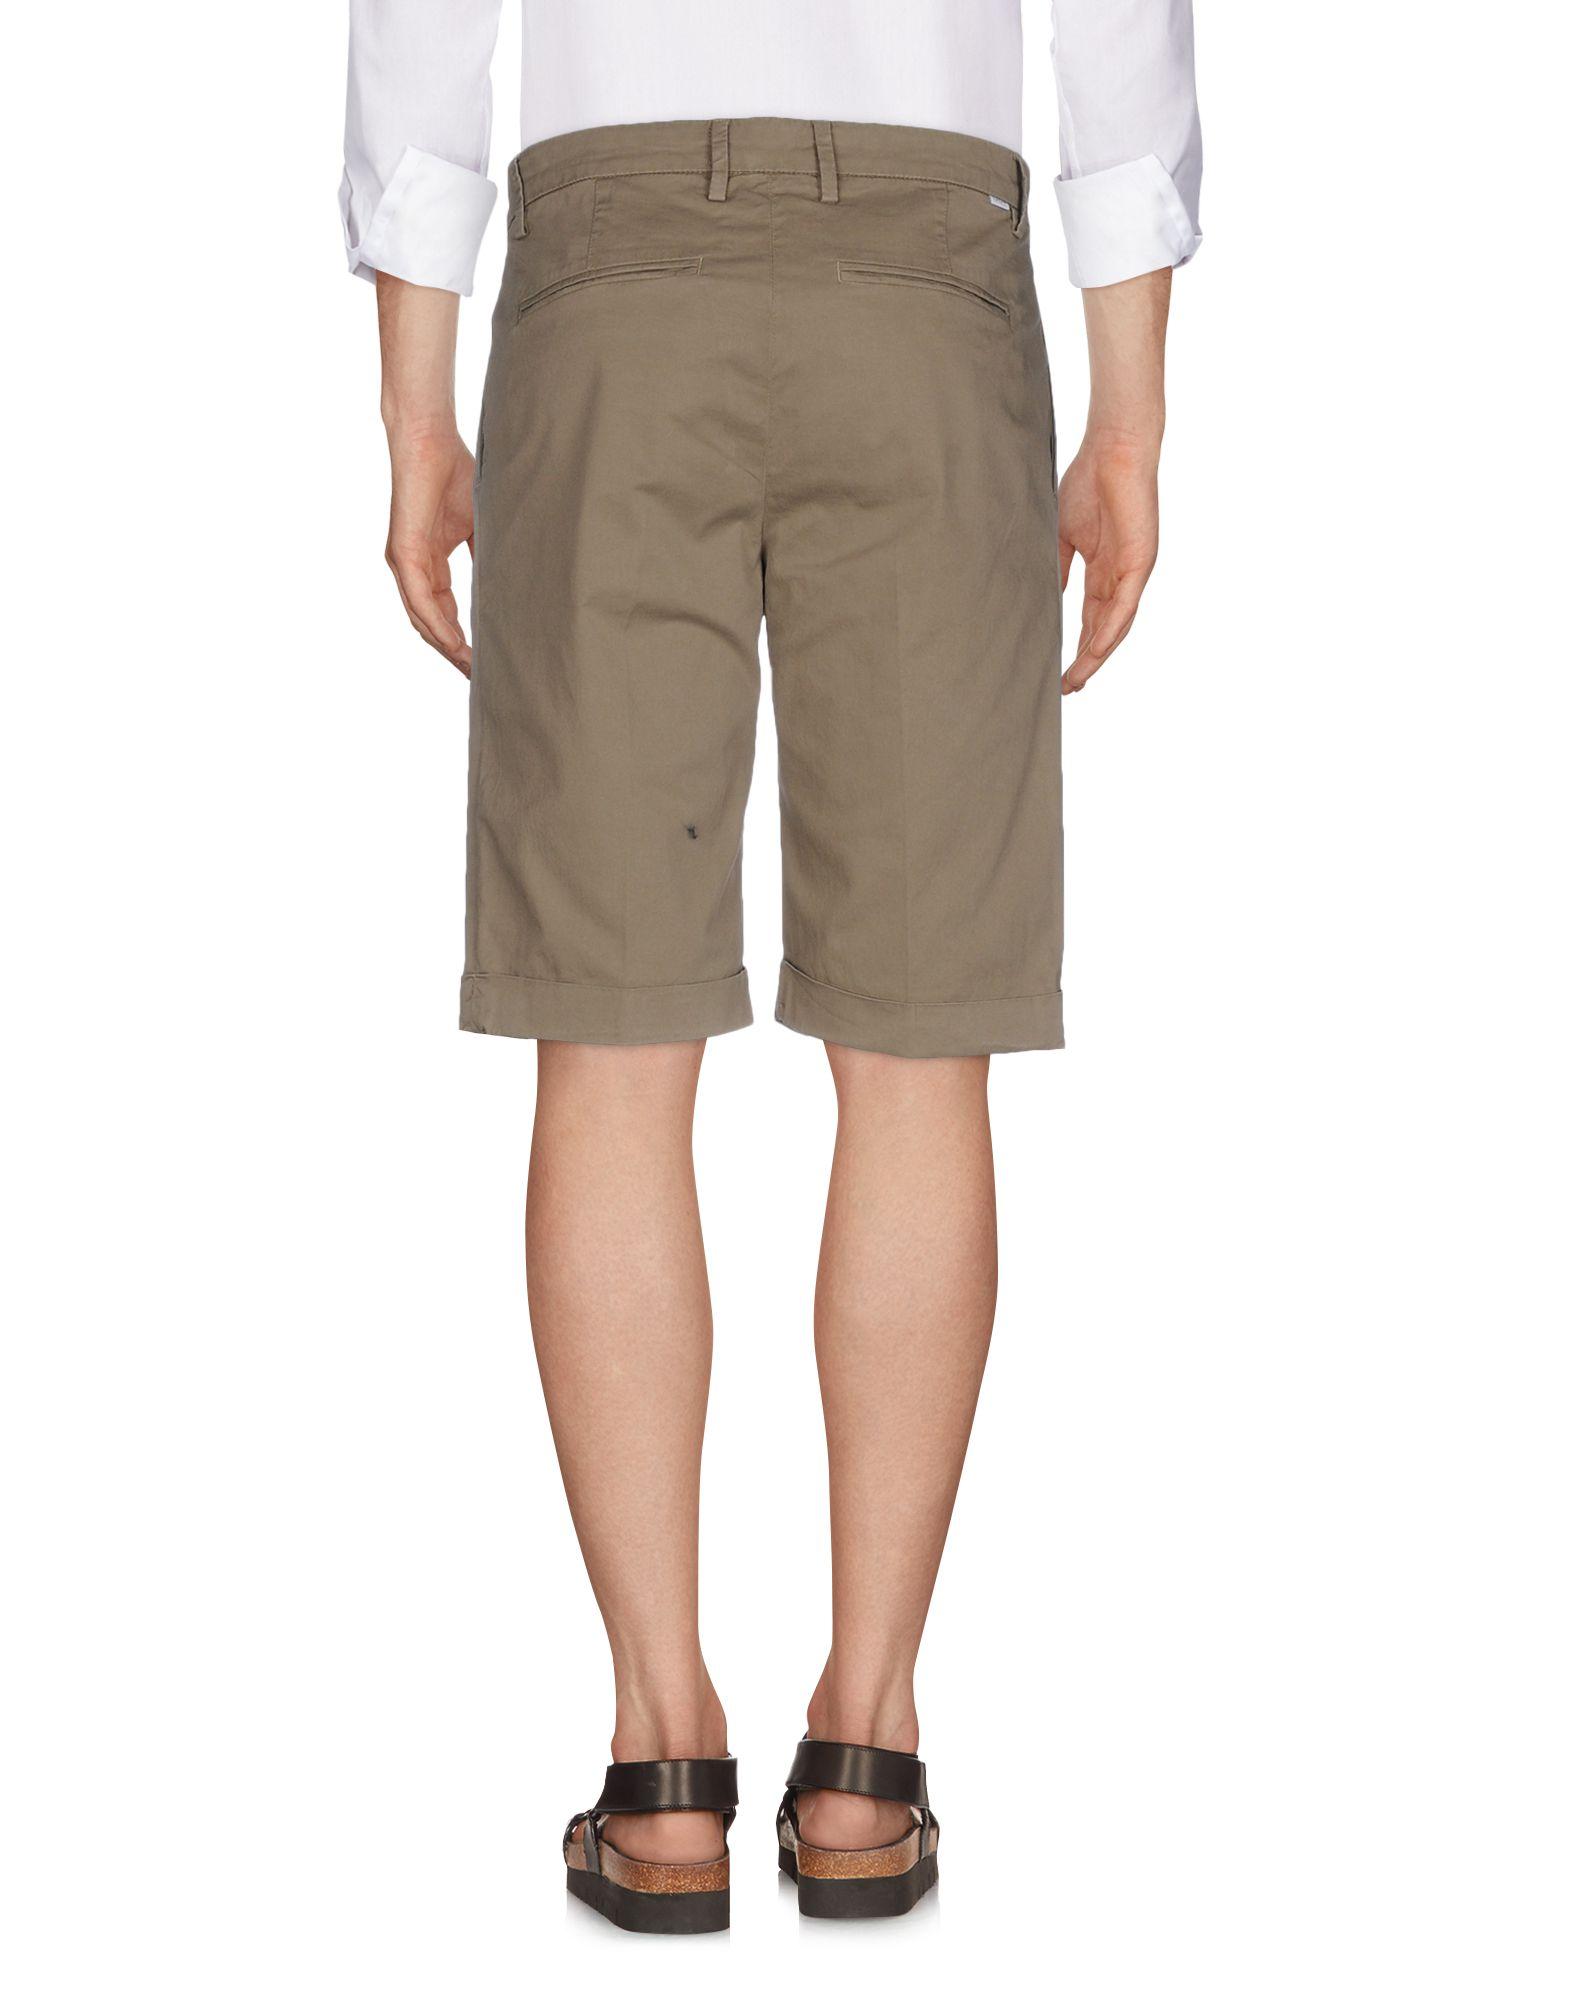 Shorts & Bermuda Haikure Uomo - 13142267GA 13142267GA 13142267GA e38f27